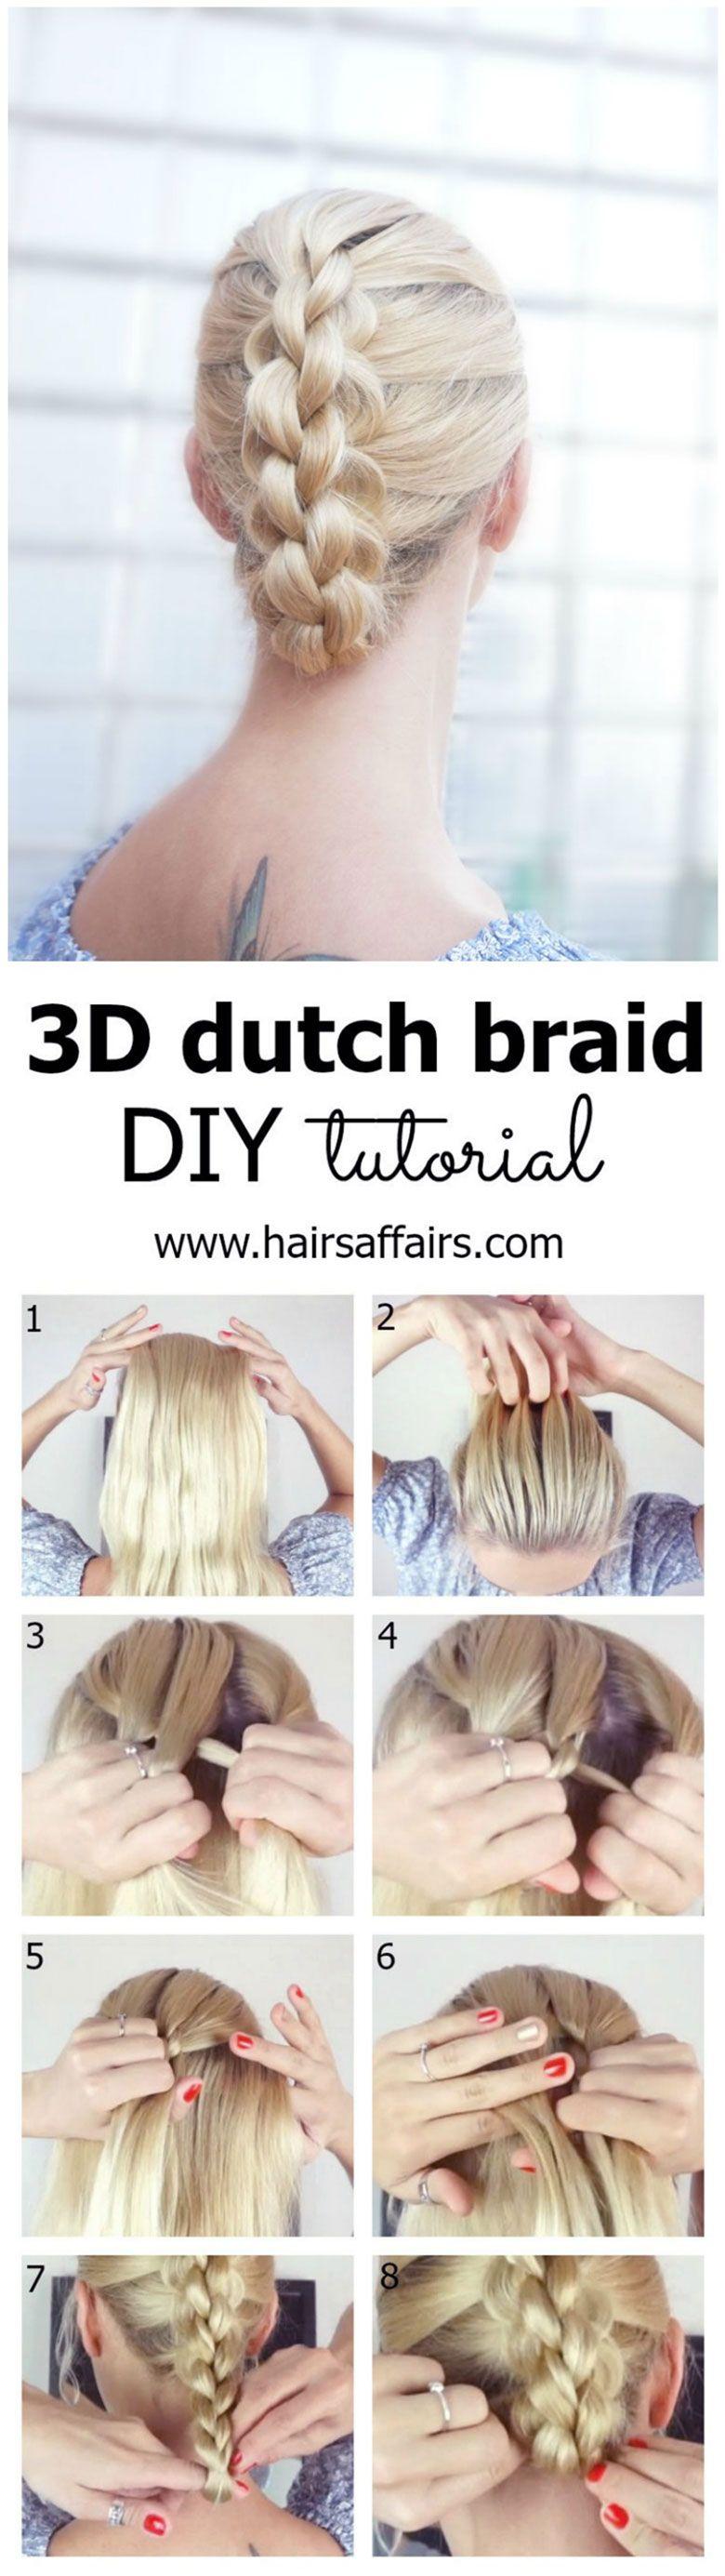 DIY 3D DUTCH BRAID TUTORIAL FOR A BAD HAIR DAY   Braid tutorials ...